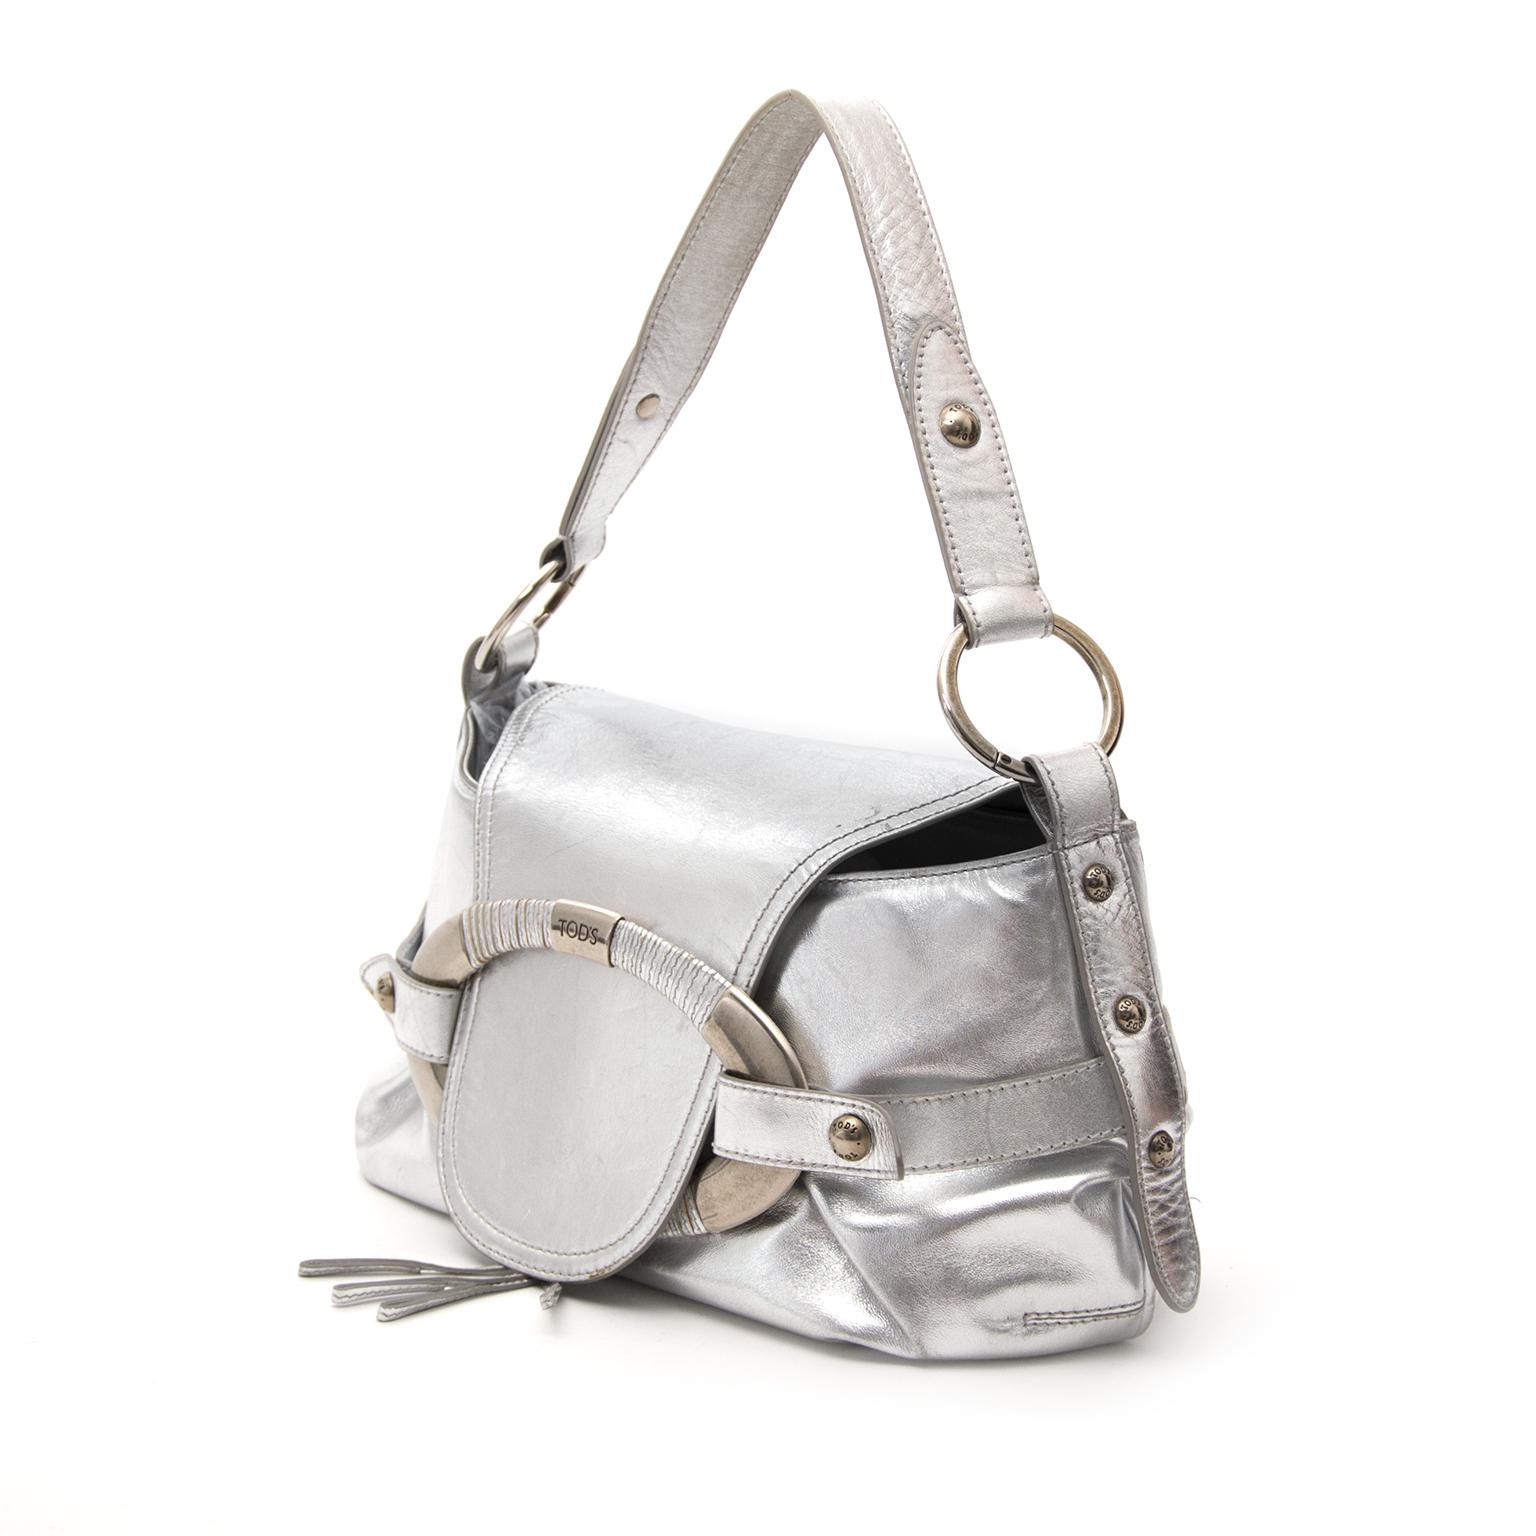 ... acheter secure en ligne seconde main sac a main marque connue pour le  meilleur prix Silver f6bd0b4cb28